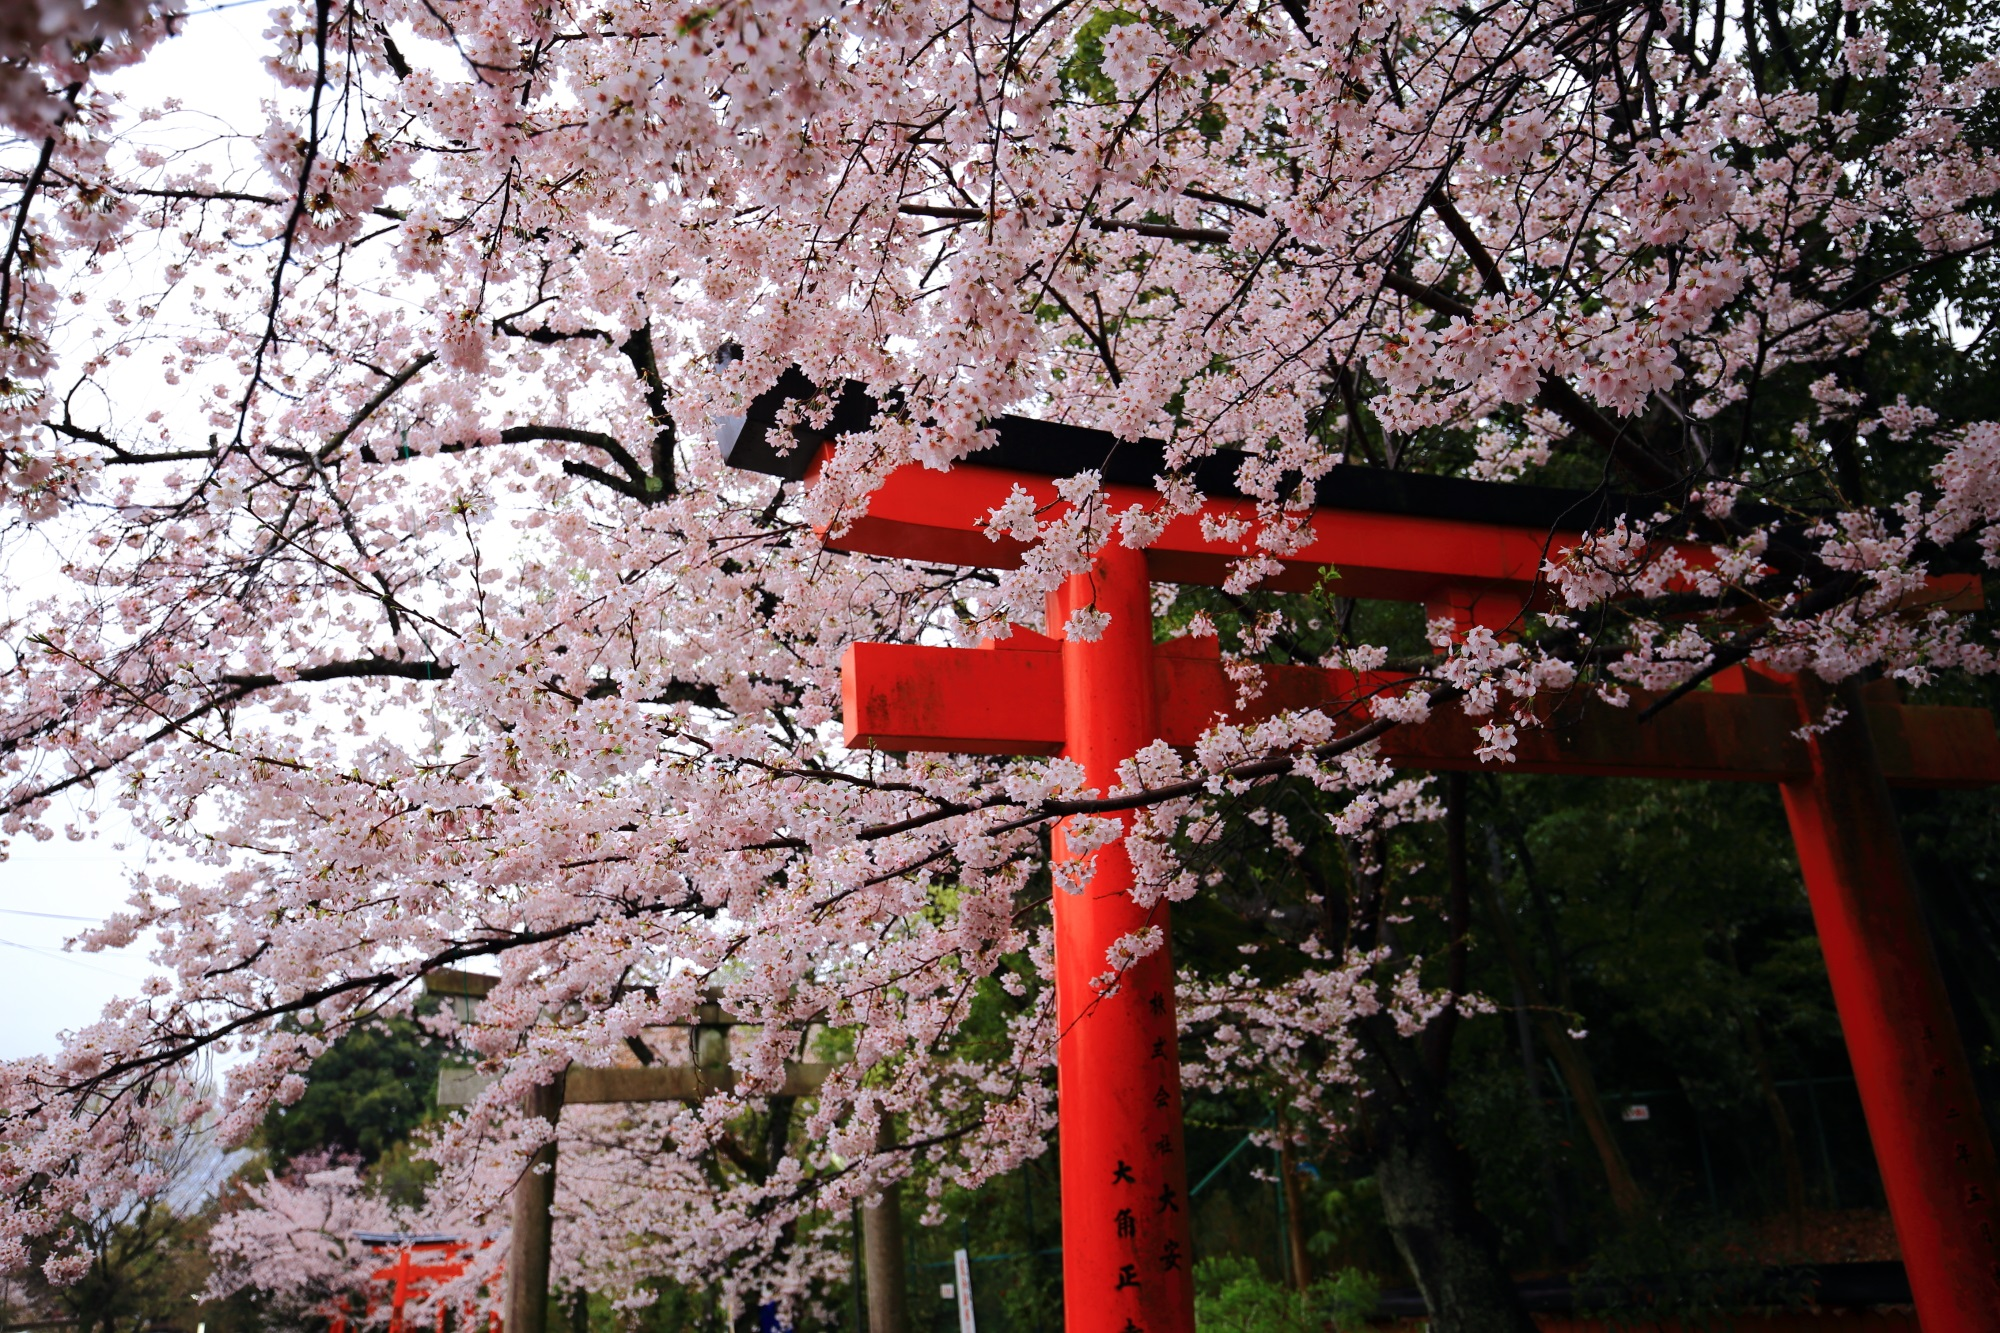 天候は残念もまさに満開の桜